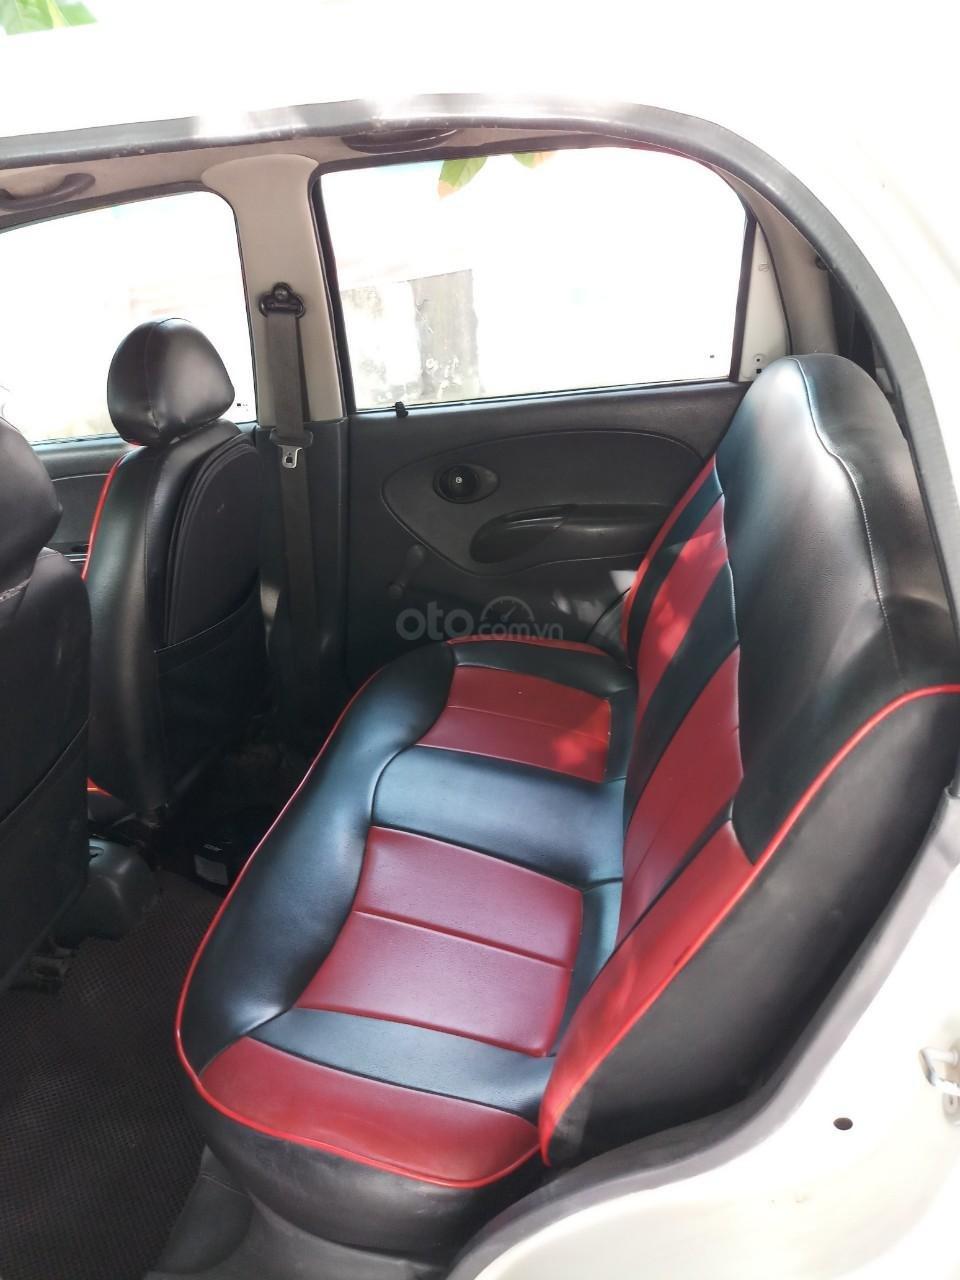 (ĐÃ BÁN) Gia đình cần lên đời nên bán xe Matiz 2 2003 tư nhân, giá 42tr (14)